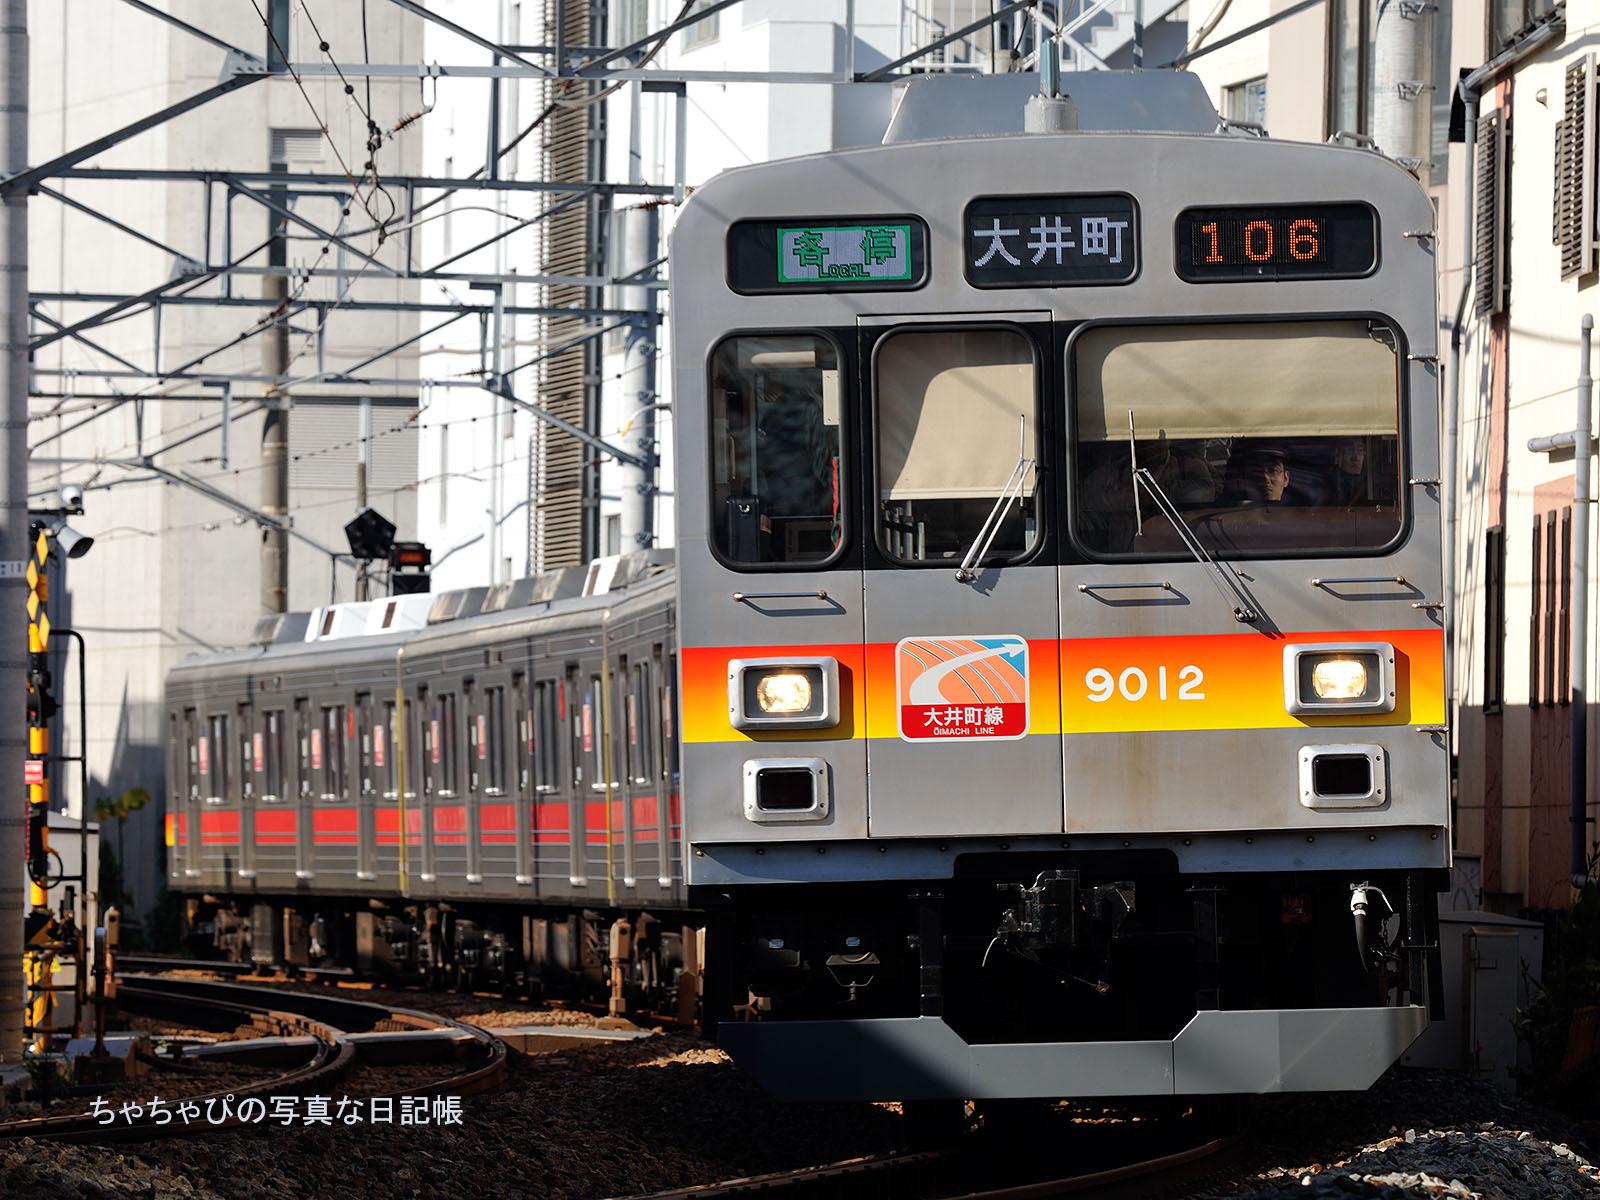 9000系 9012F